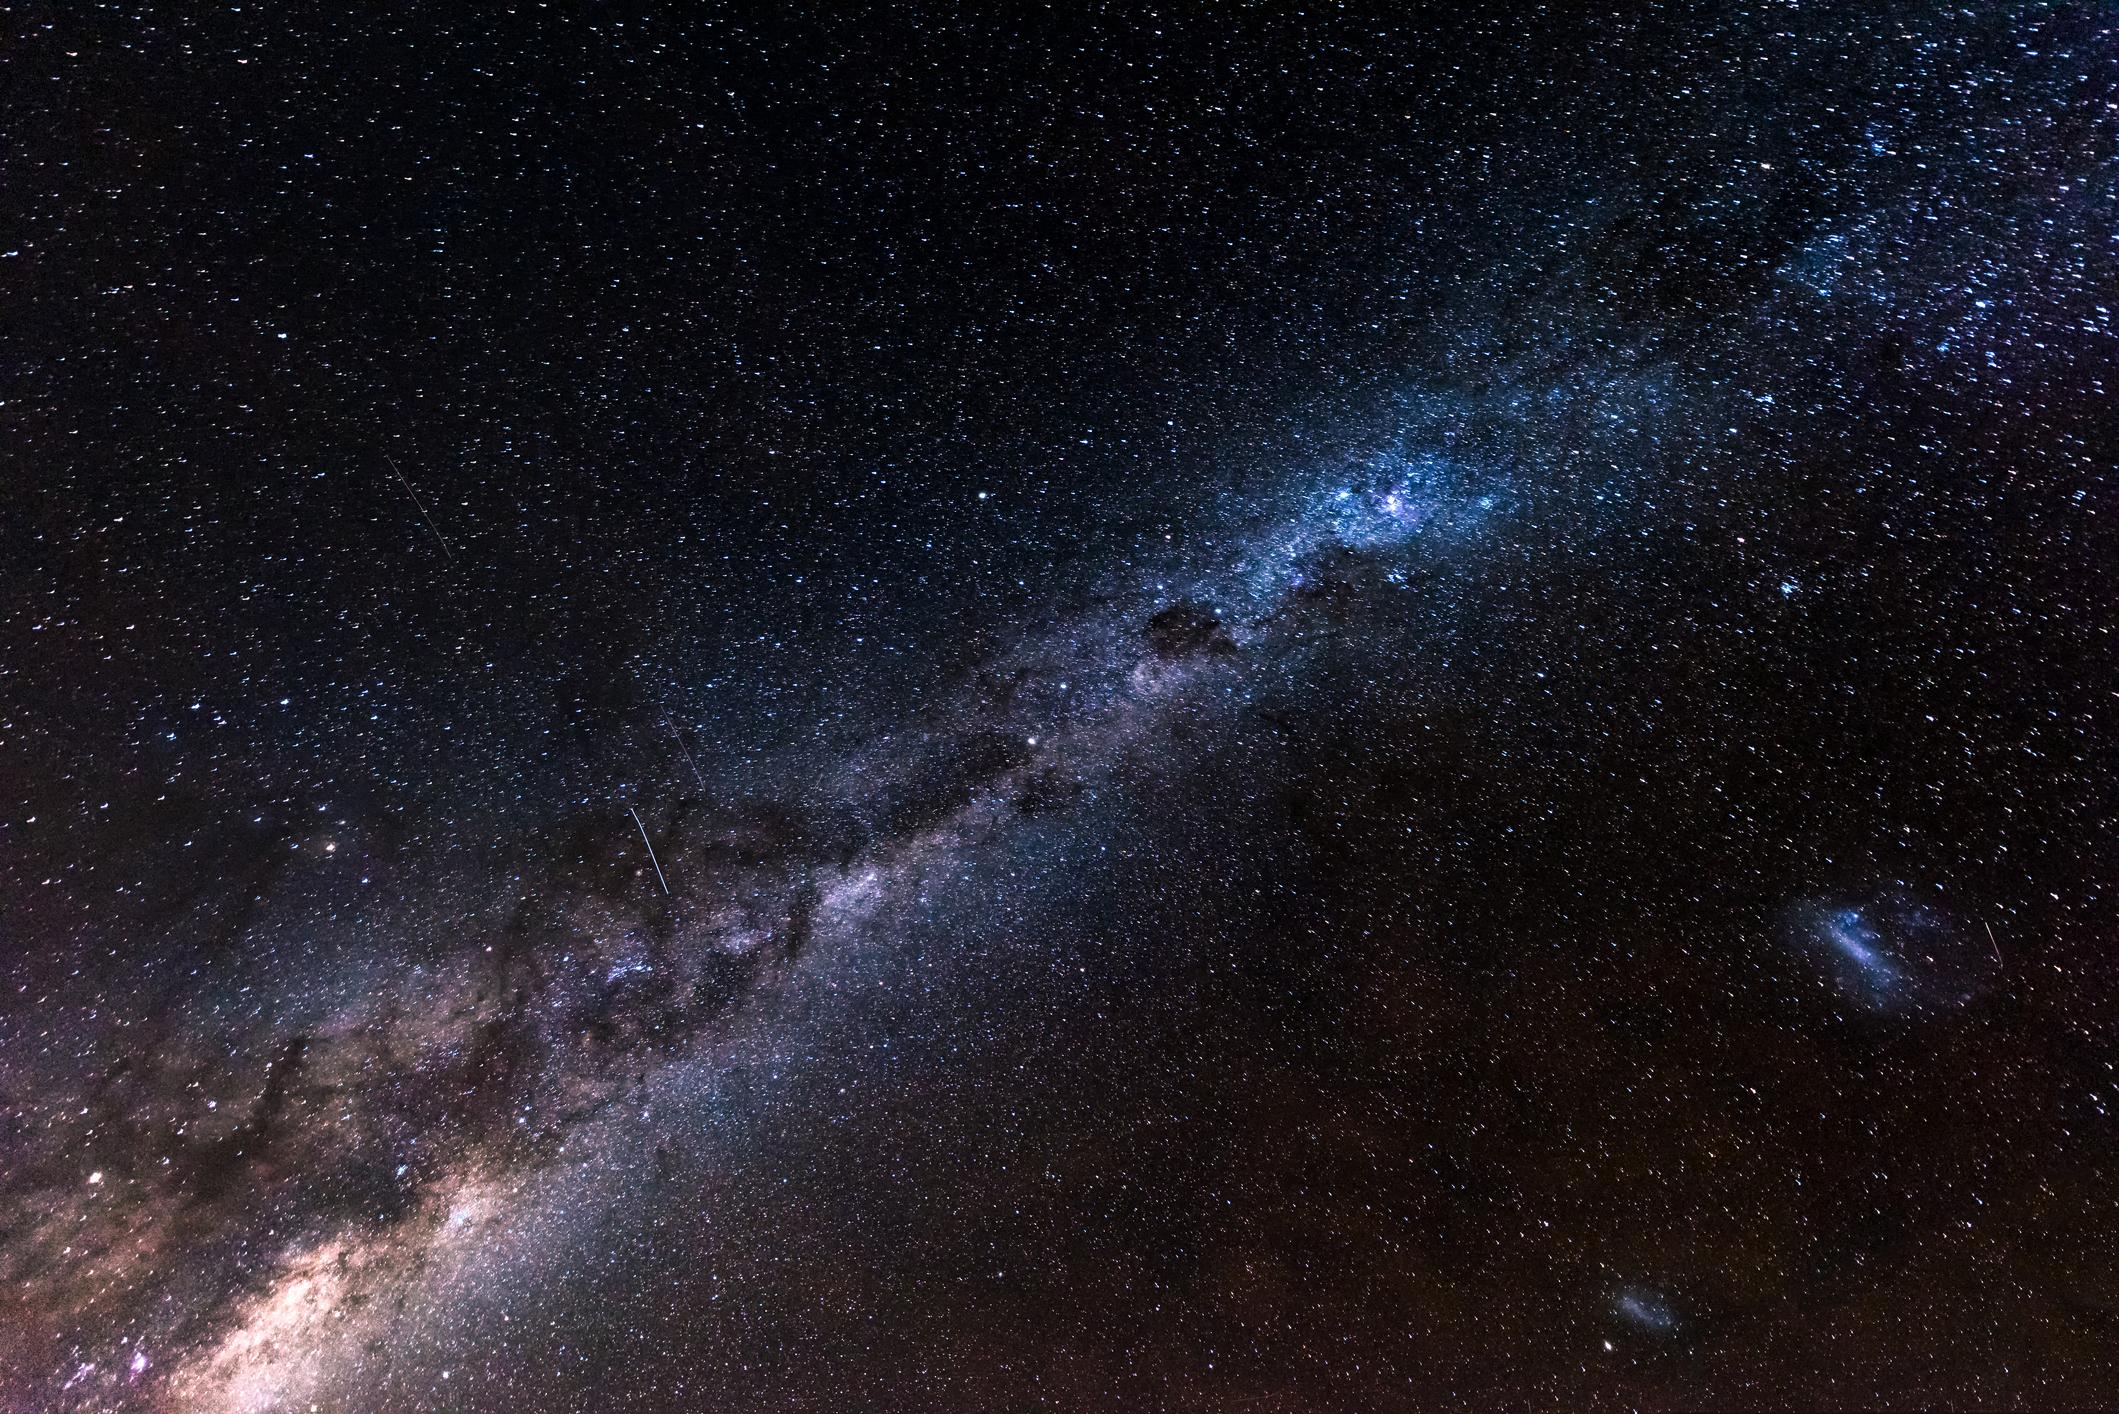 Cea mai mare hartă a materiei întunecate a Universului, creată de experți. FOTO